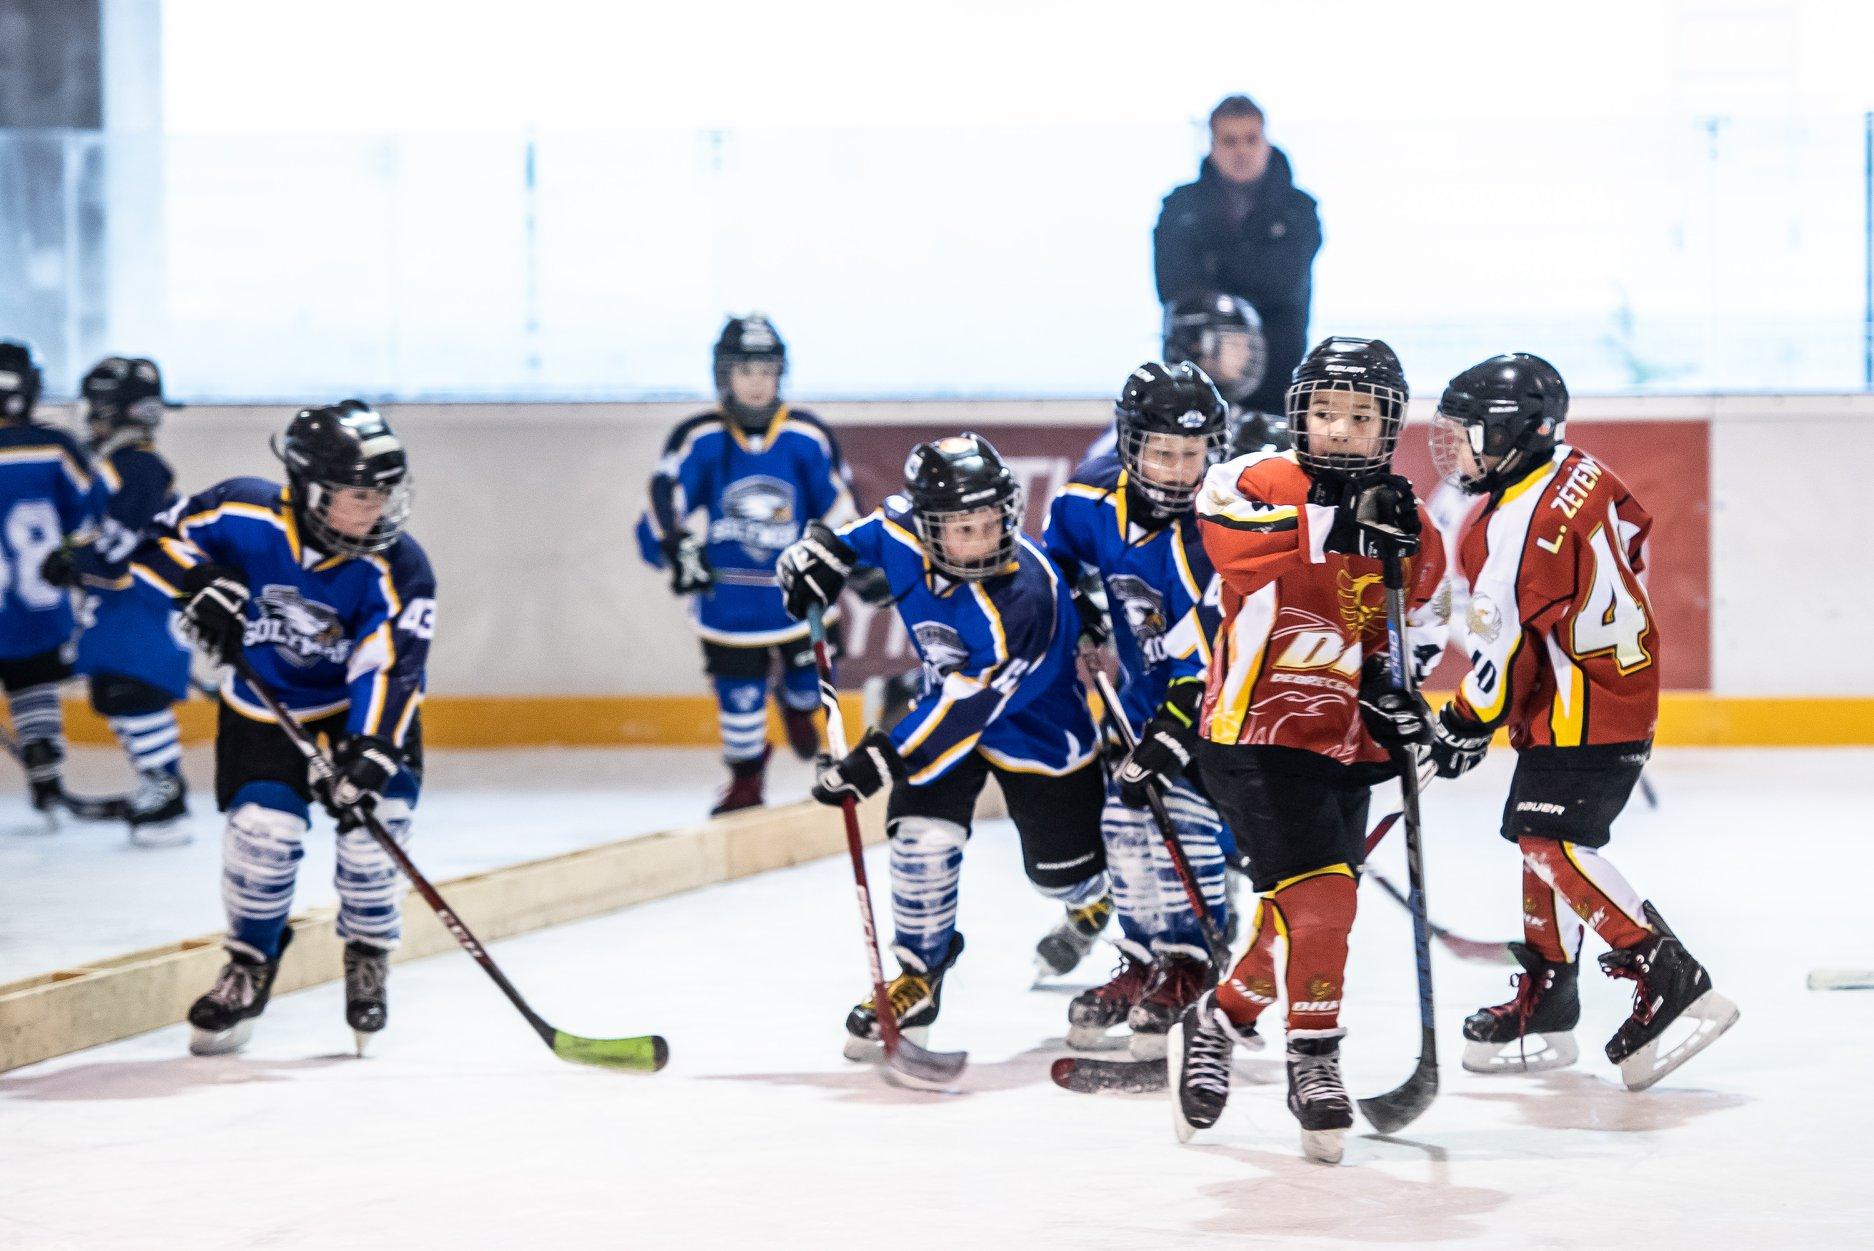 Jégkorong mérkőzések a Nyíregyházi Városi Jégpályán 2020.01.12.  Fotó: Nagy Zsola